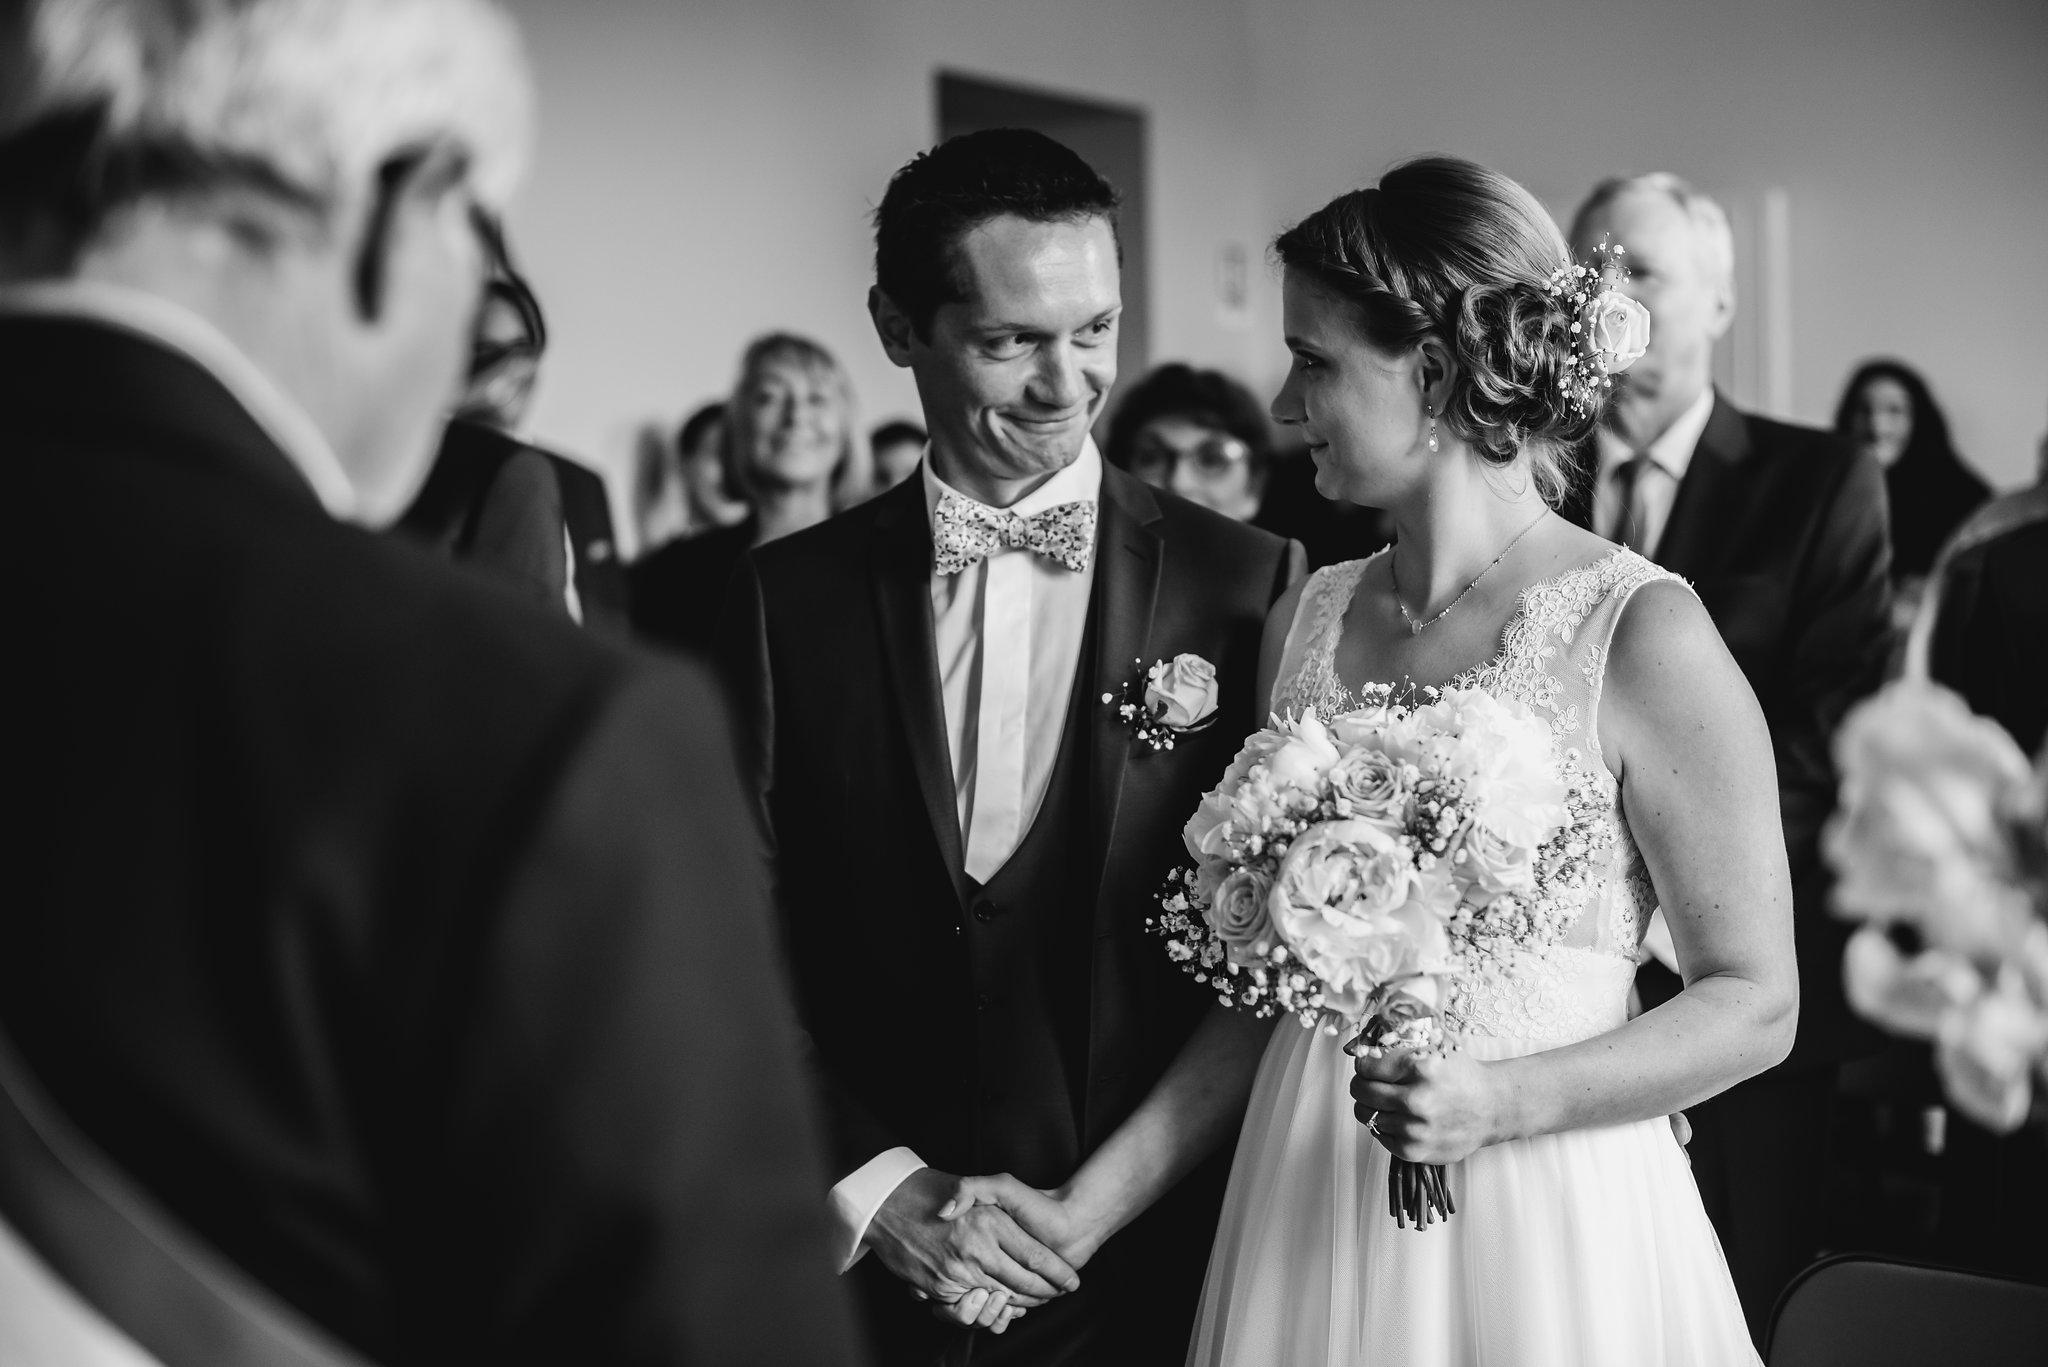 Léa-Fery-photographe-professionnel-lyon-rhone-alpes-portrait-creation-mariage-evenement-evenementiel-famille-1987.jpg